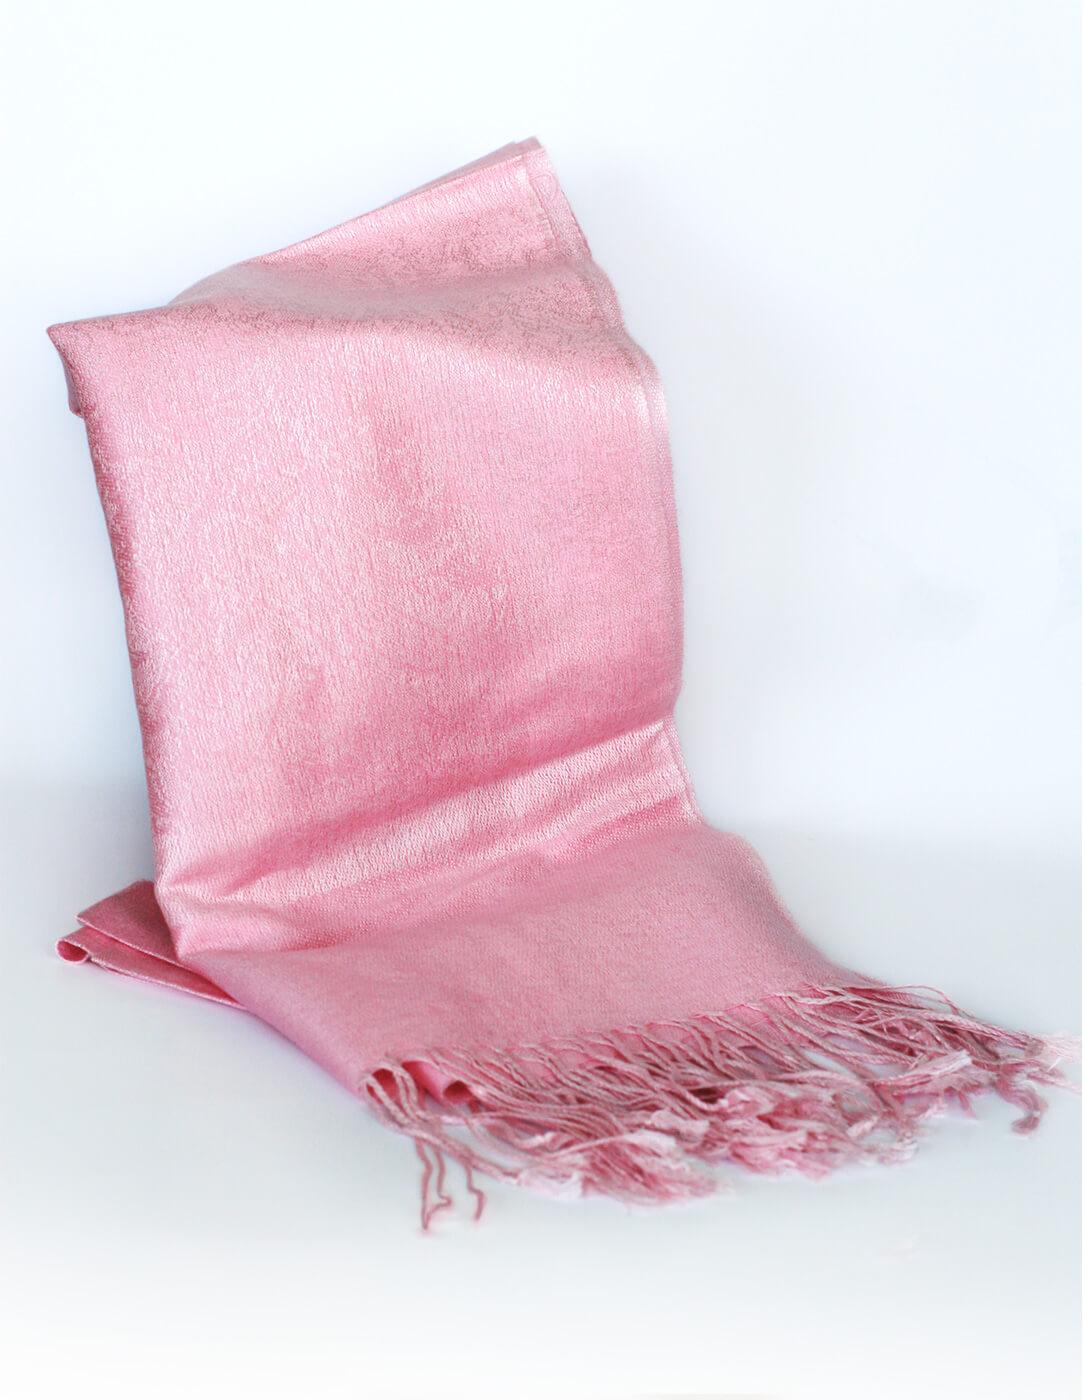 Pašmína (kašmírový šál) - farba ružová